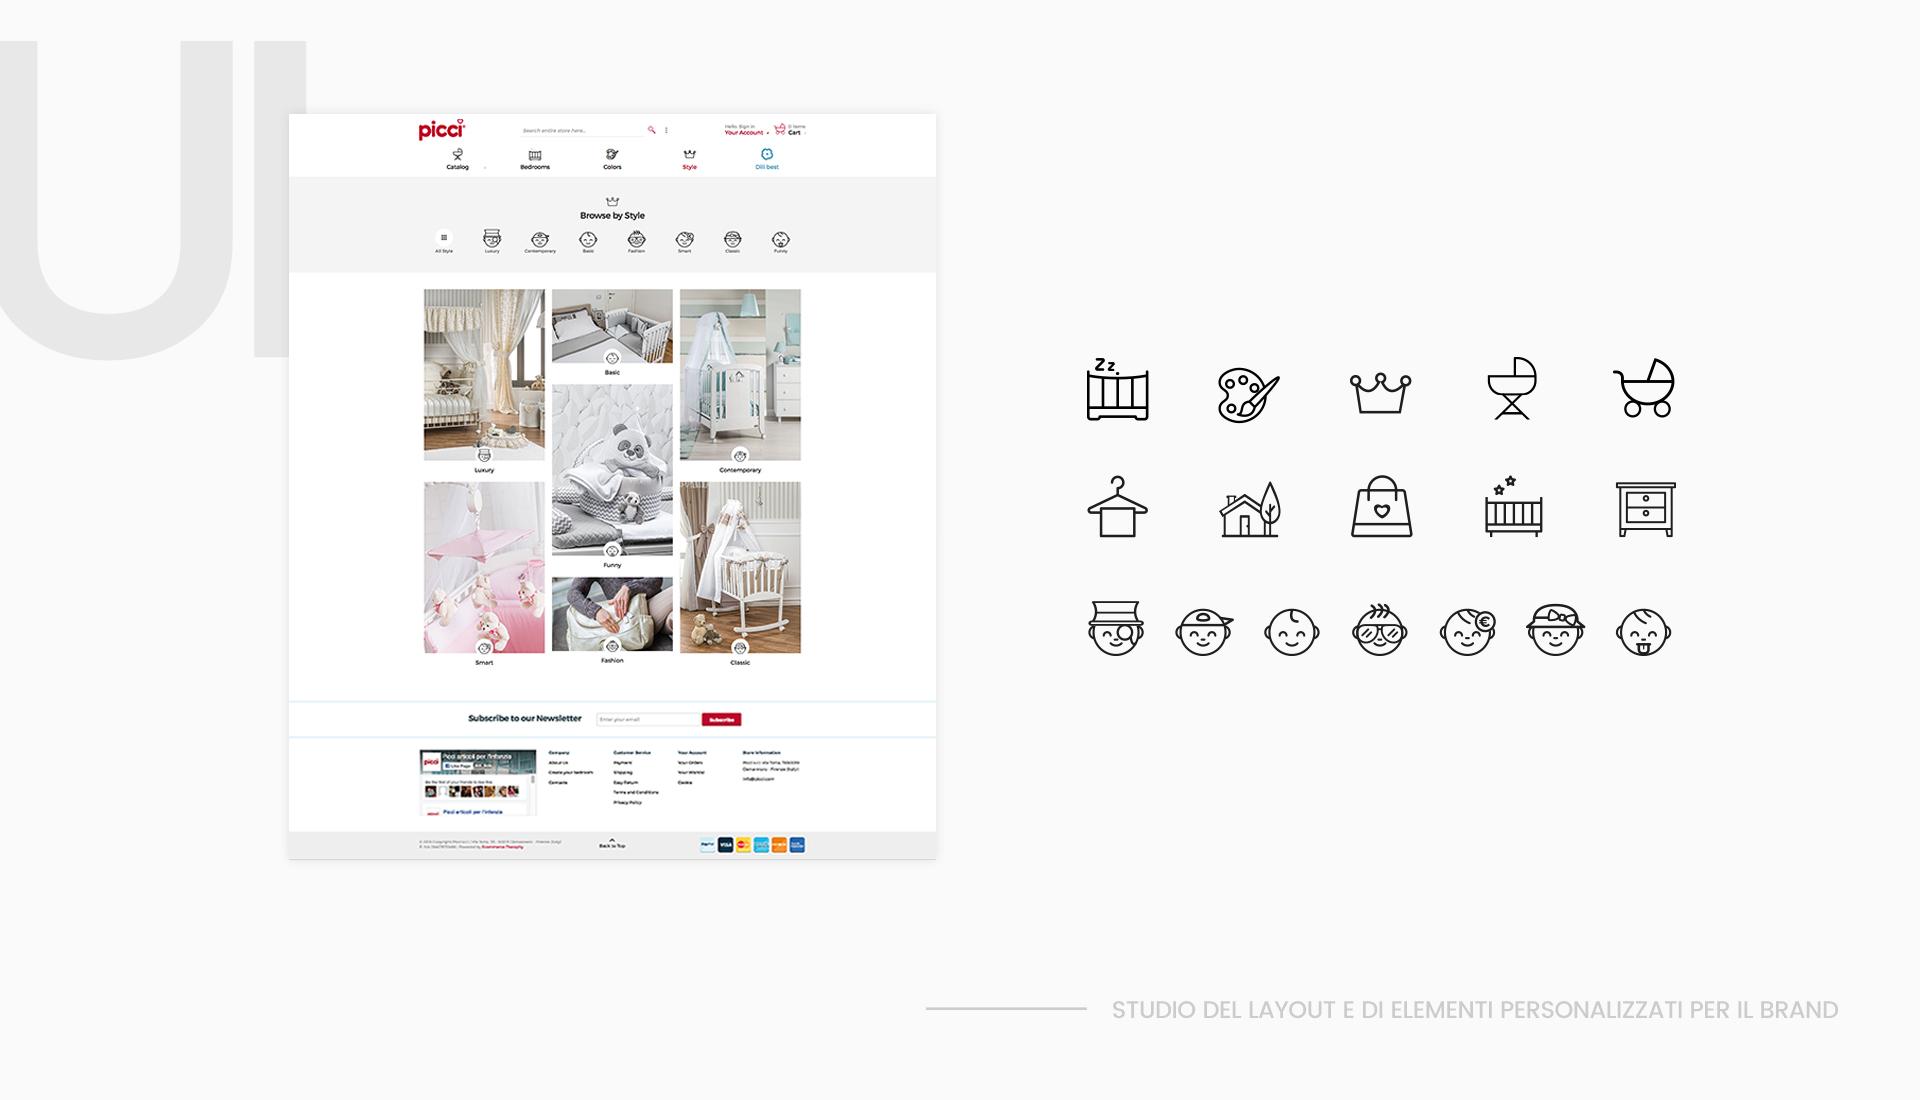 ui design picci by e-commerce therapy